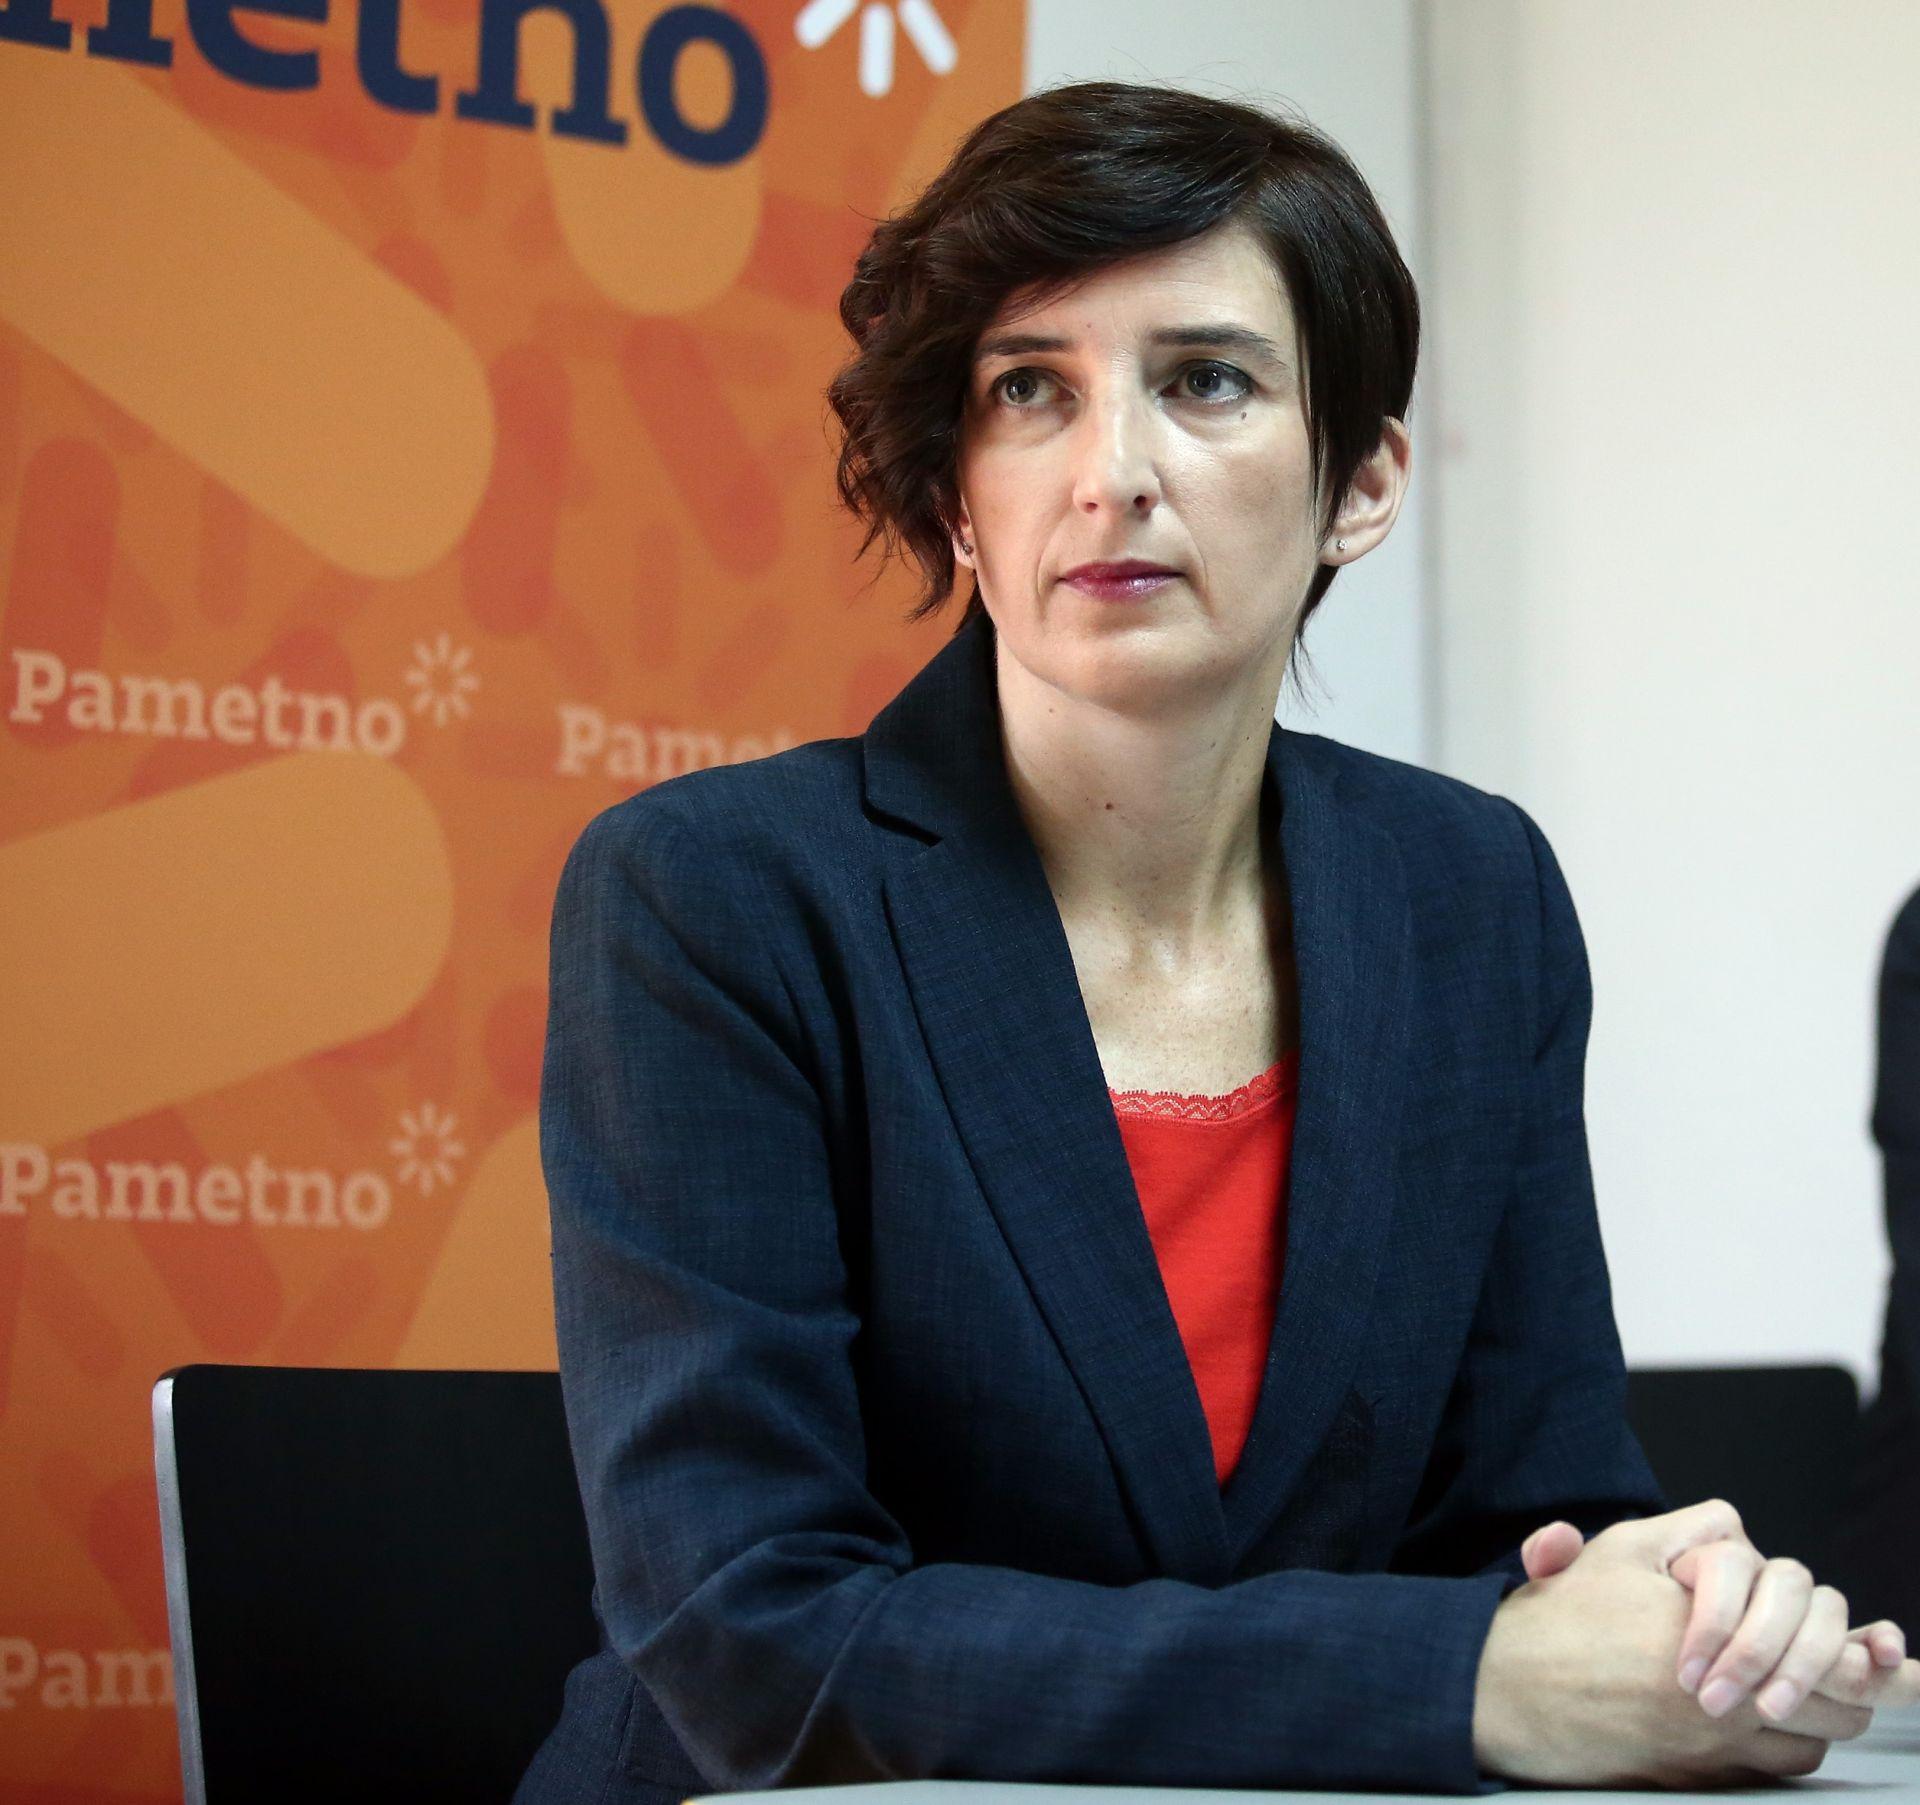 Stranka Pametno moli Plenkovića da se ispriča građanima zbog jučerašnje izjave